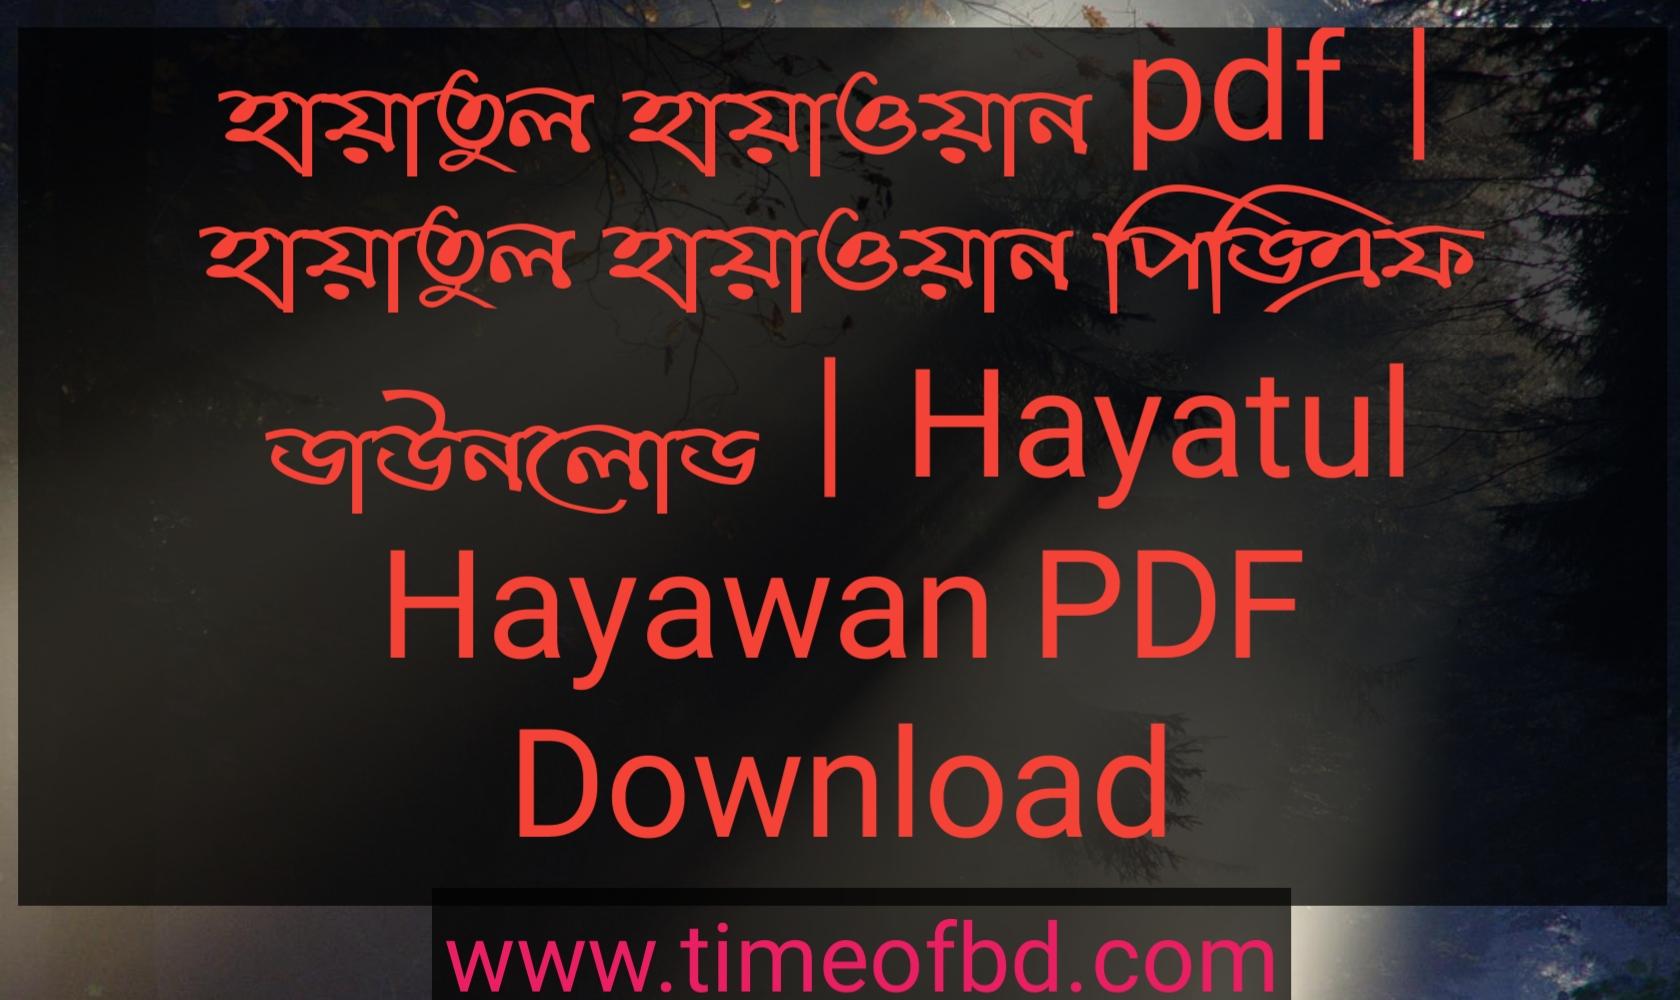 হায়াতুল হায়াওয়ান pdf, হায়াতুল হায়াওয়ান পিডিএফ ডাউনলোড, হায়াতুল হায়াওয়ান পিডিএফ, হায়াতুল হায়াওয়ান pdf download,